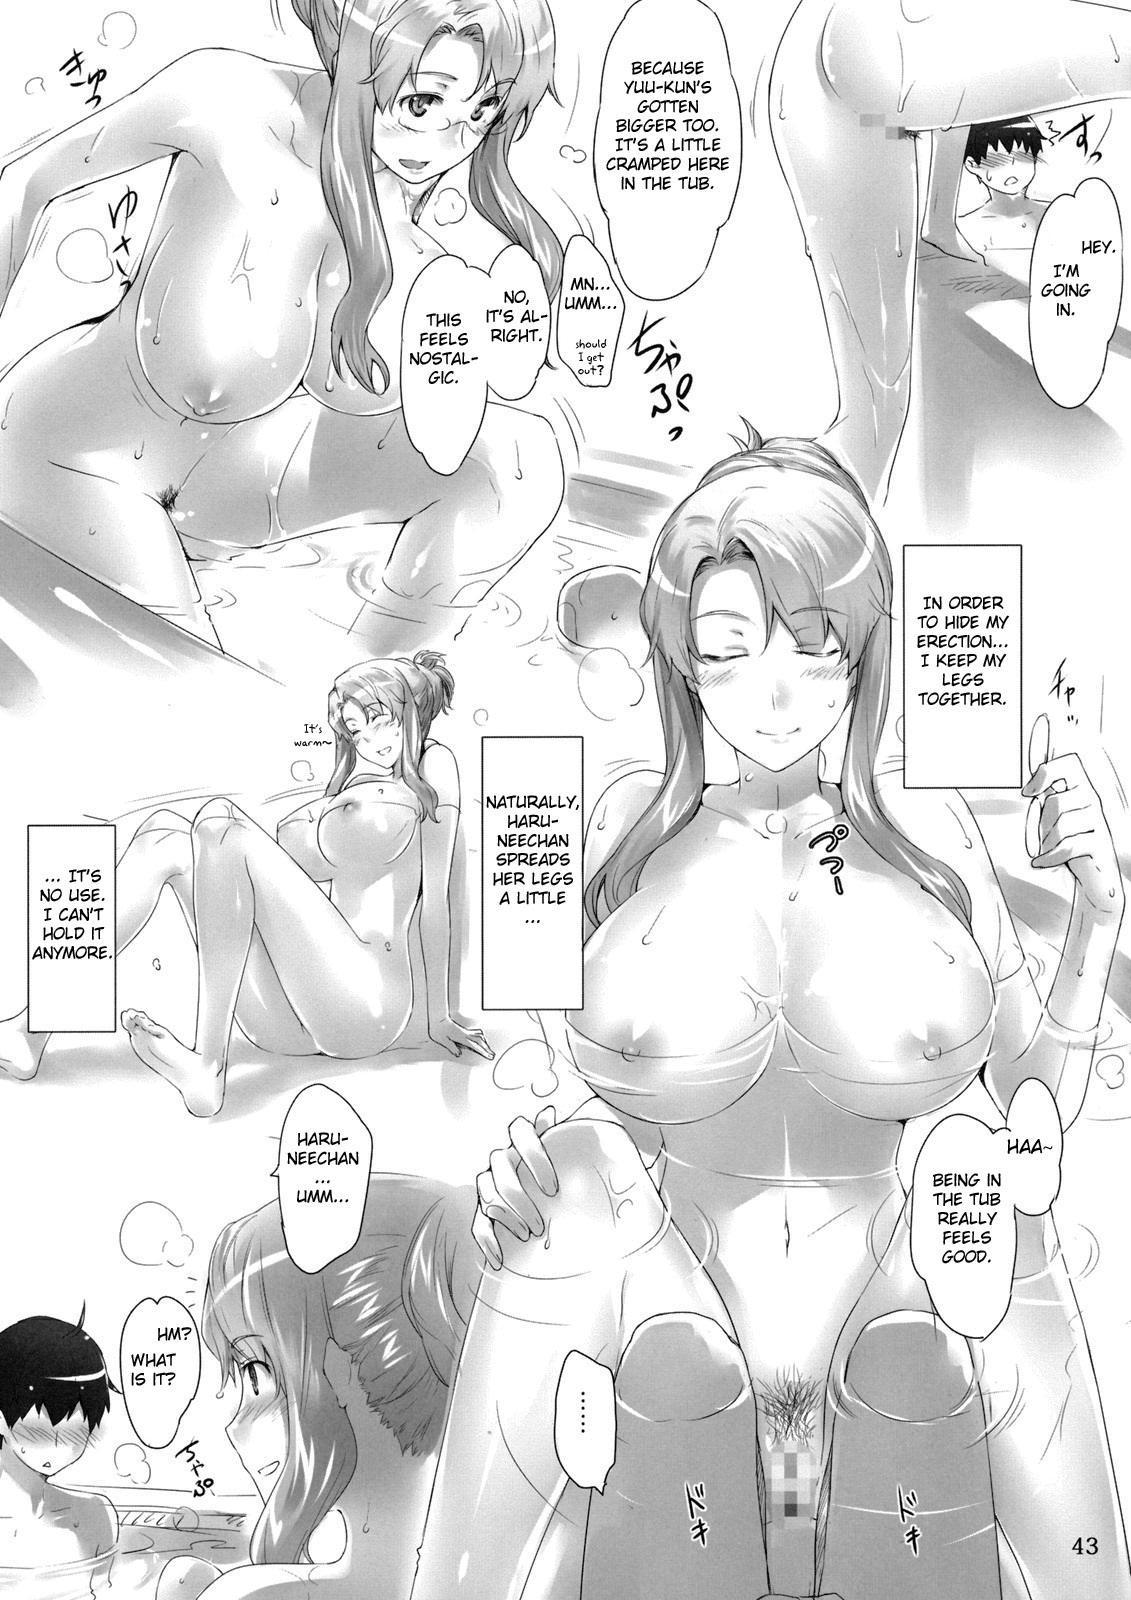 (C81) [MTSP (Jin)] Tachibana-san-chi no Dansei Jijou | Tachibana-san's Circumstances With a Man [English] {doujin-moe.us} 41